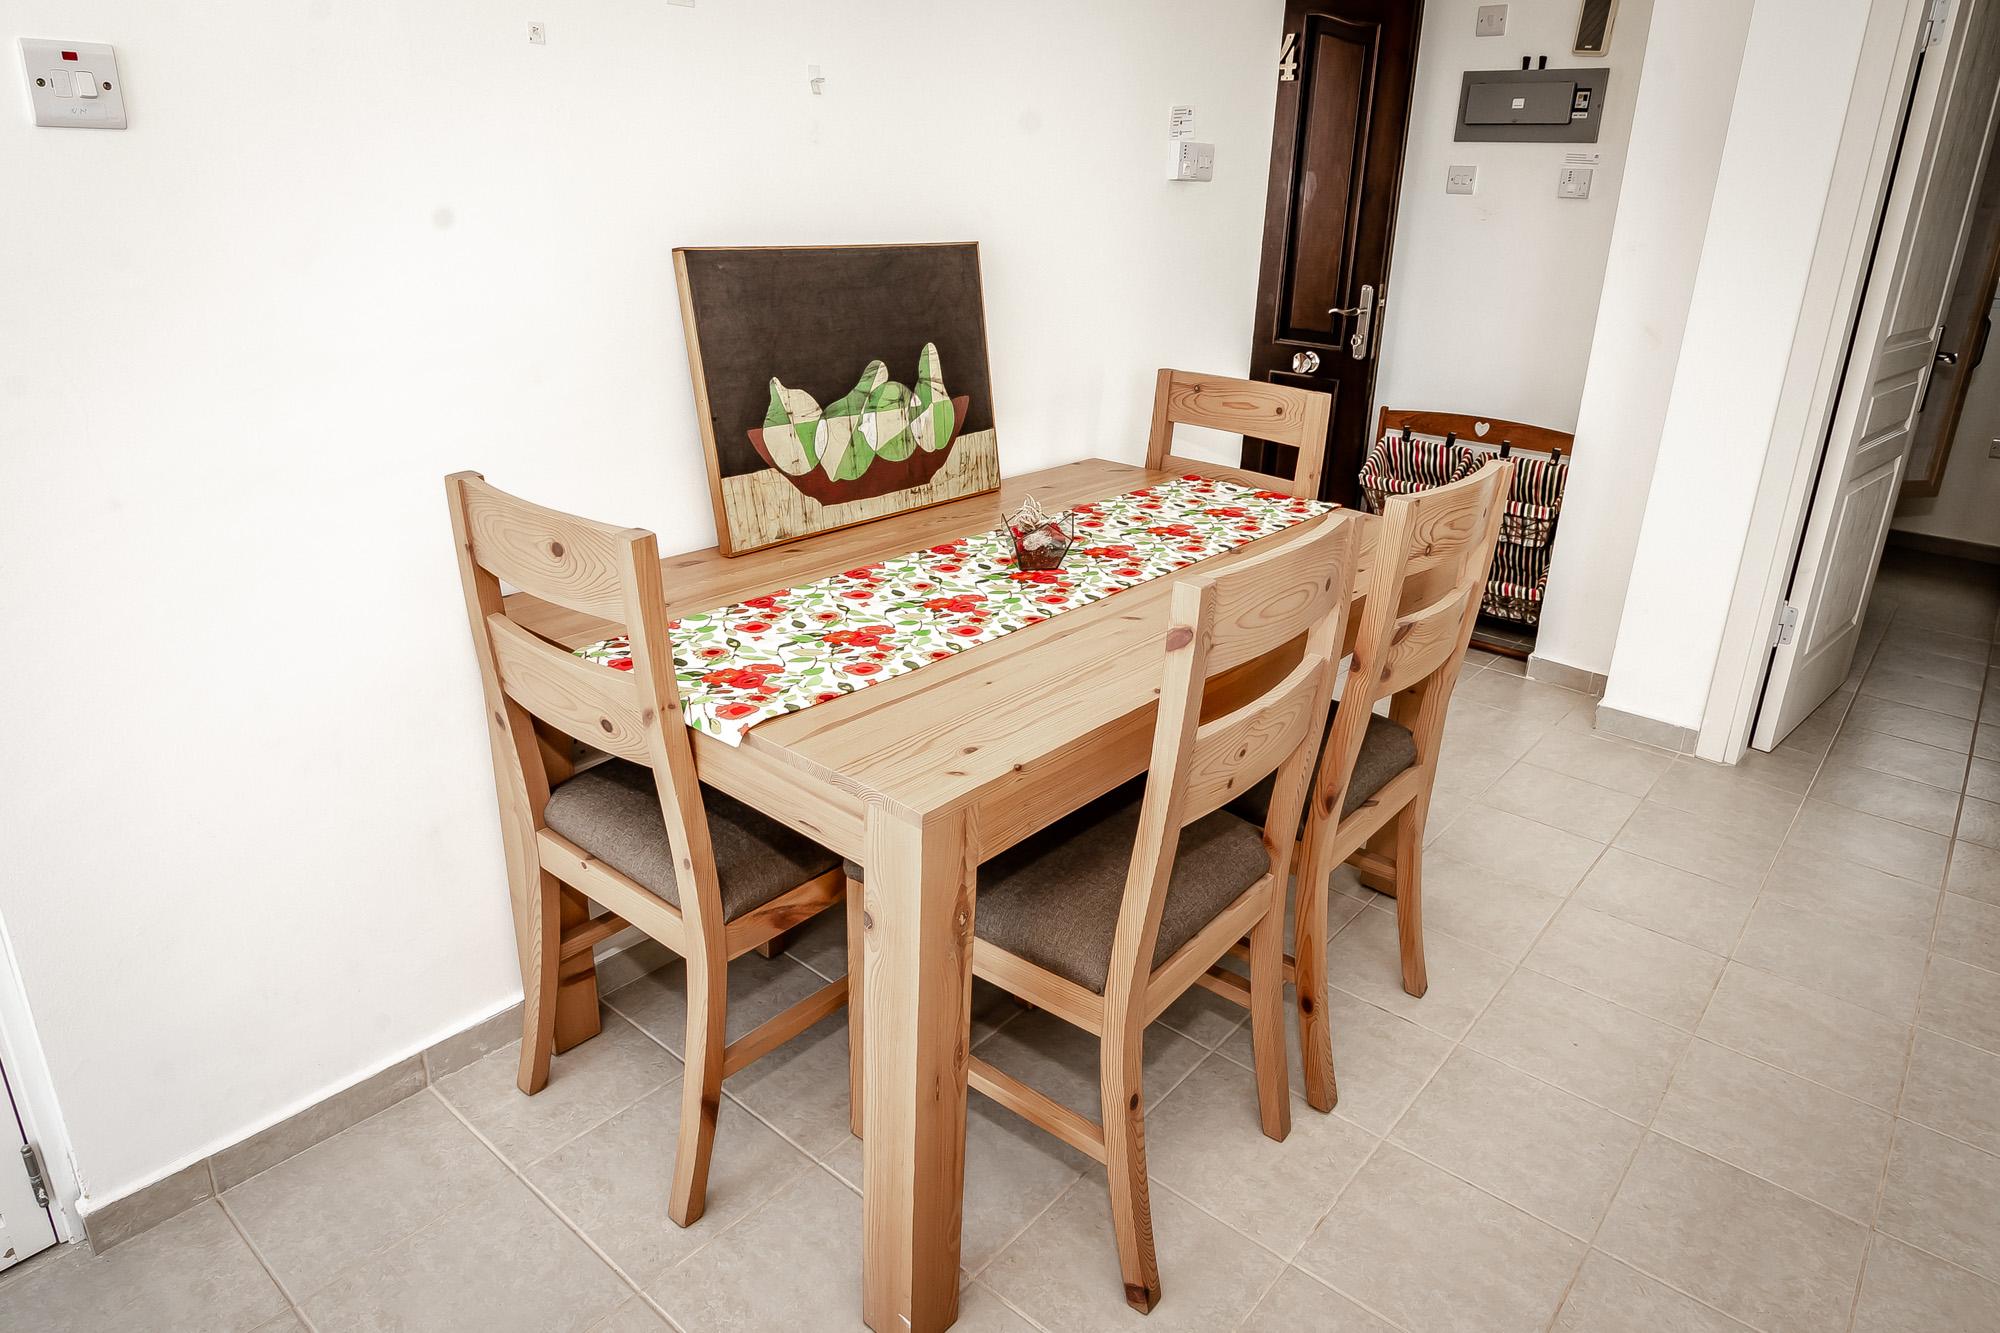 Apartment Joya Cyprus Moonlit Penthouse Apartment photo 20405558